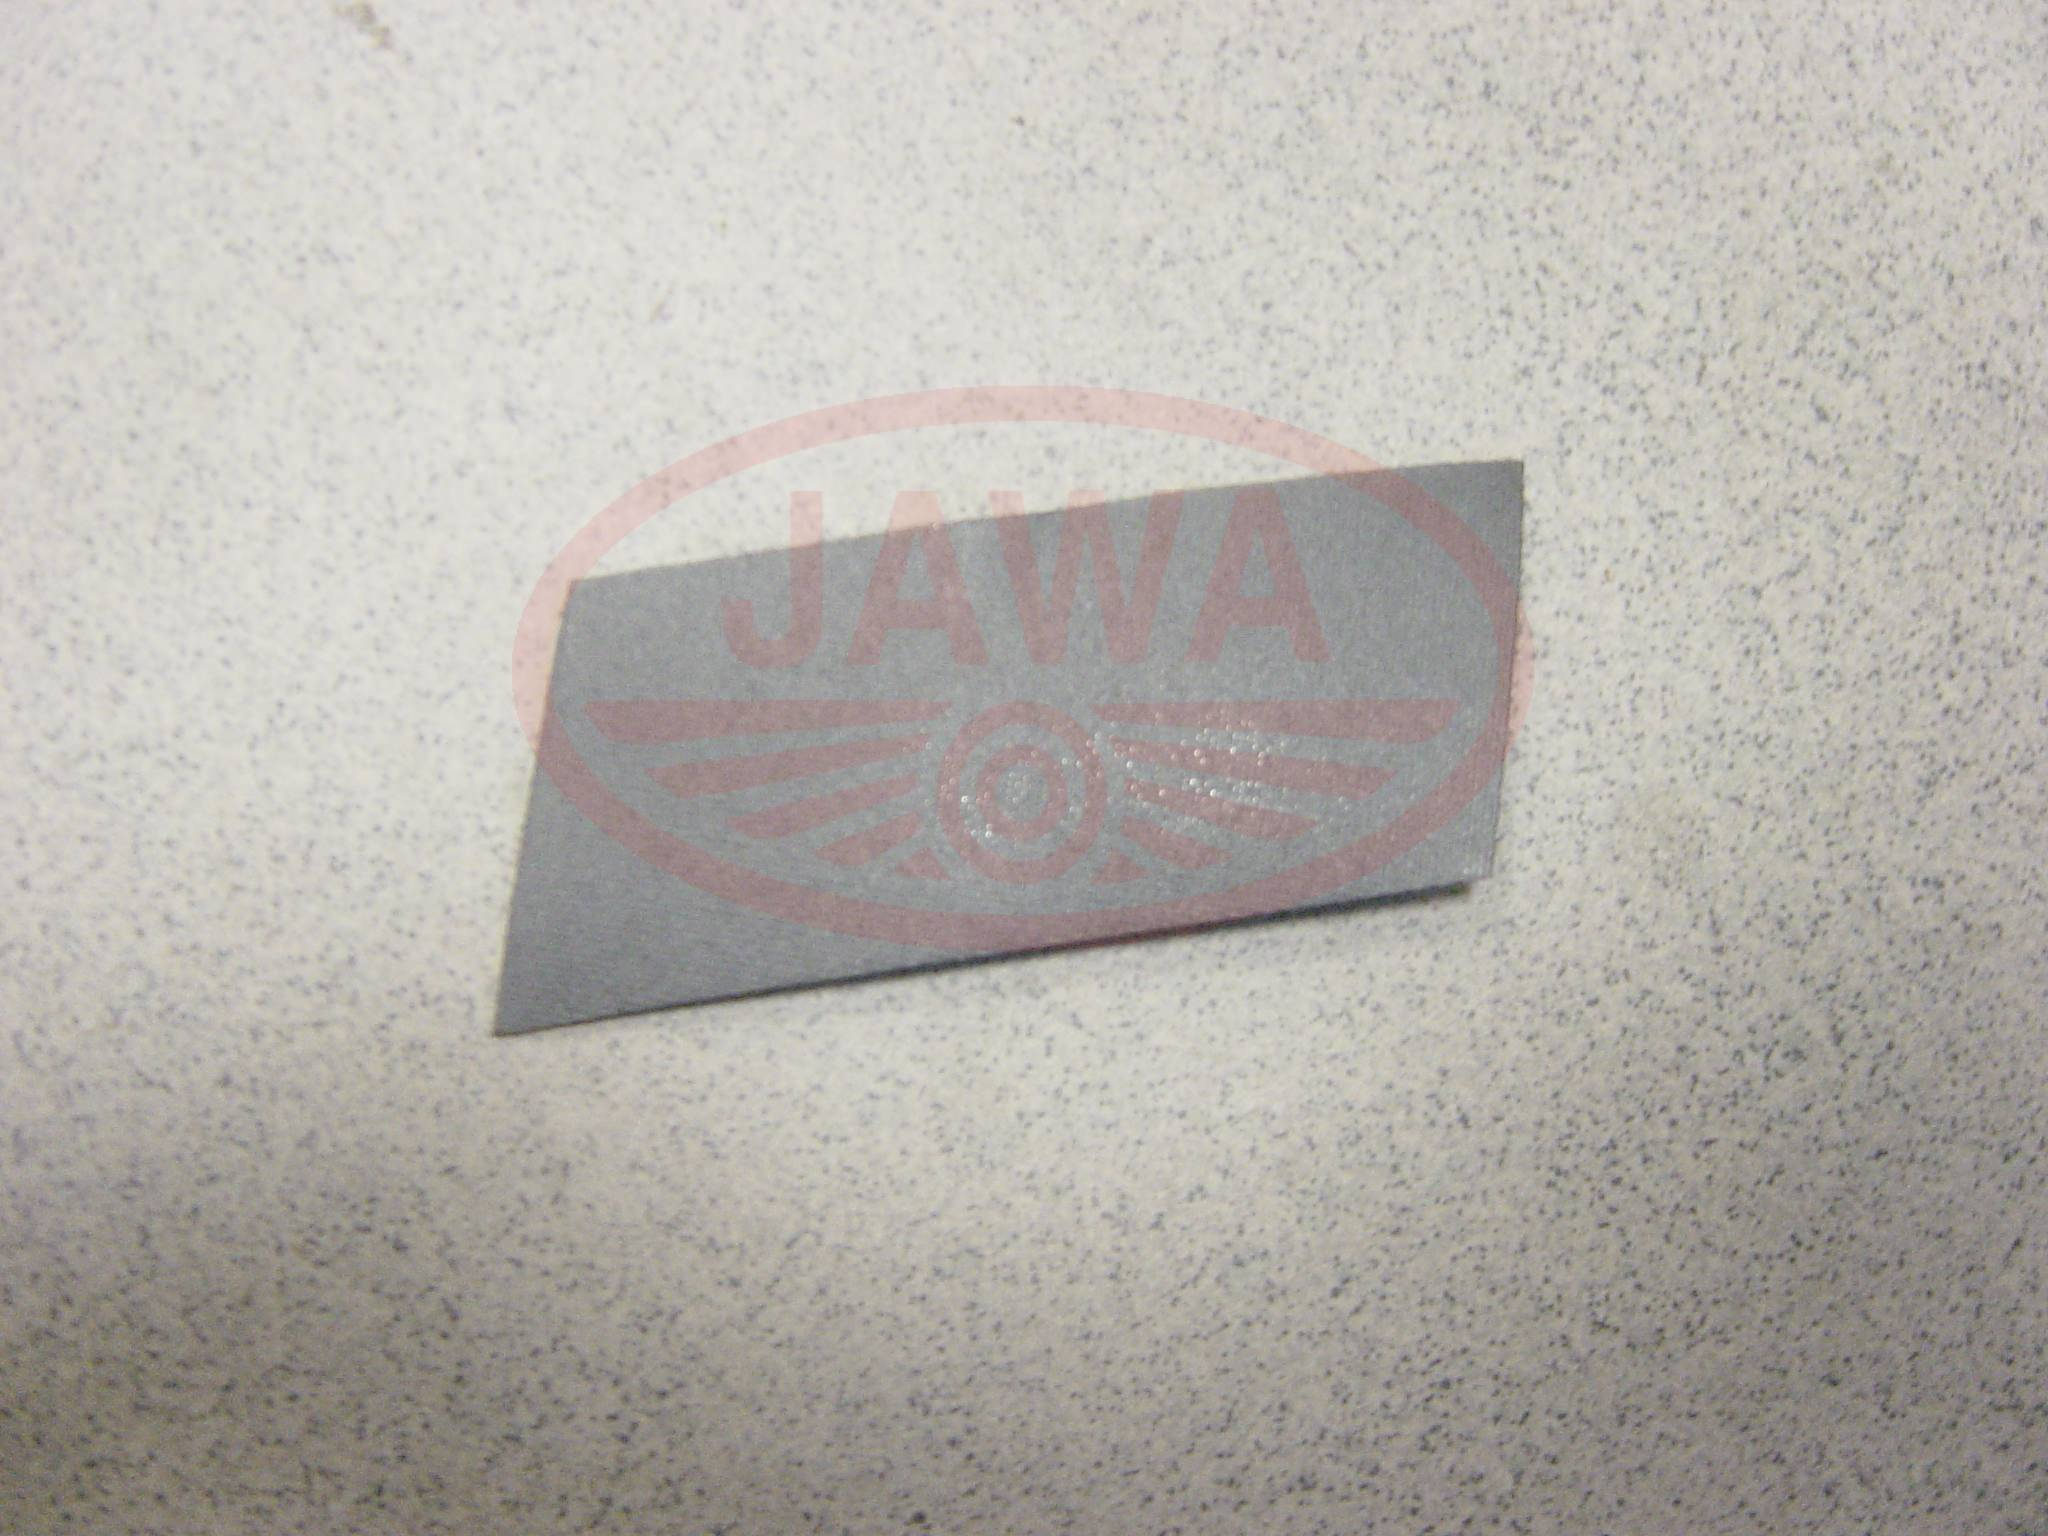 jawa.lv/images/638-639/daksas-bukses-starplika.jpg